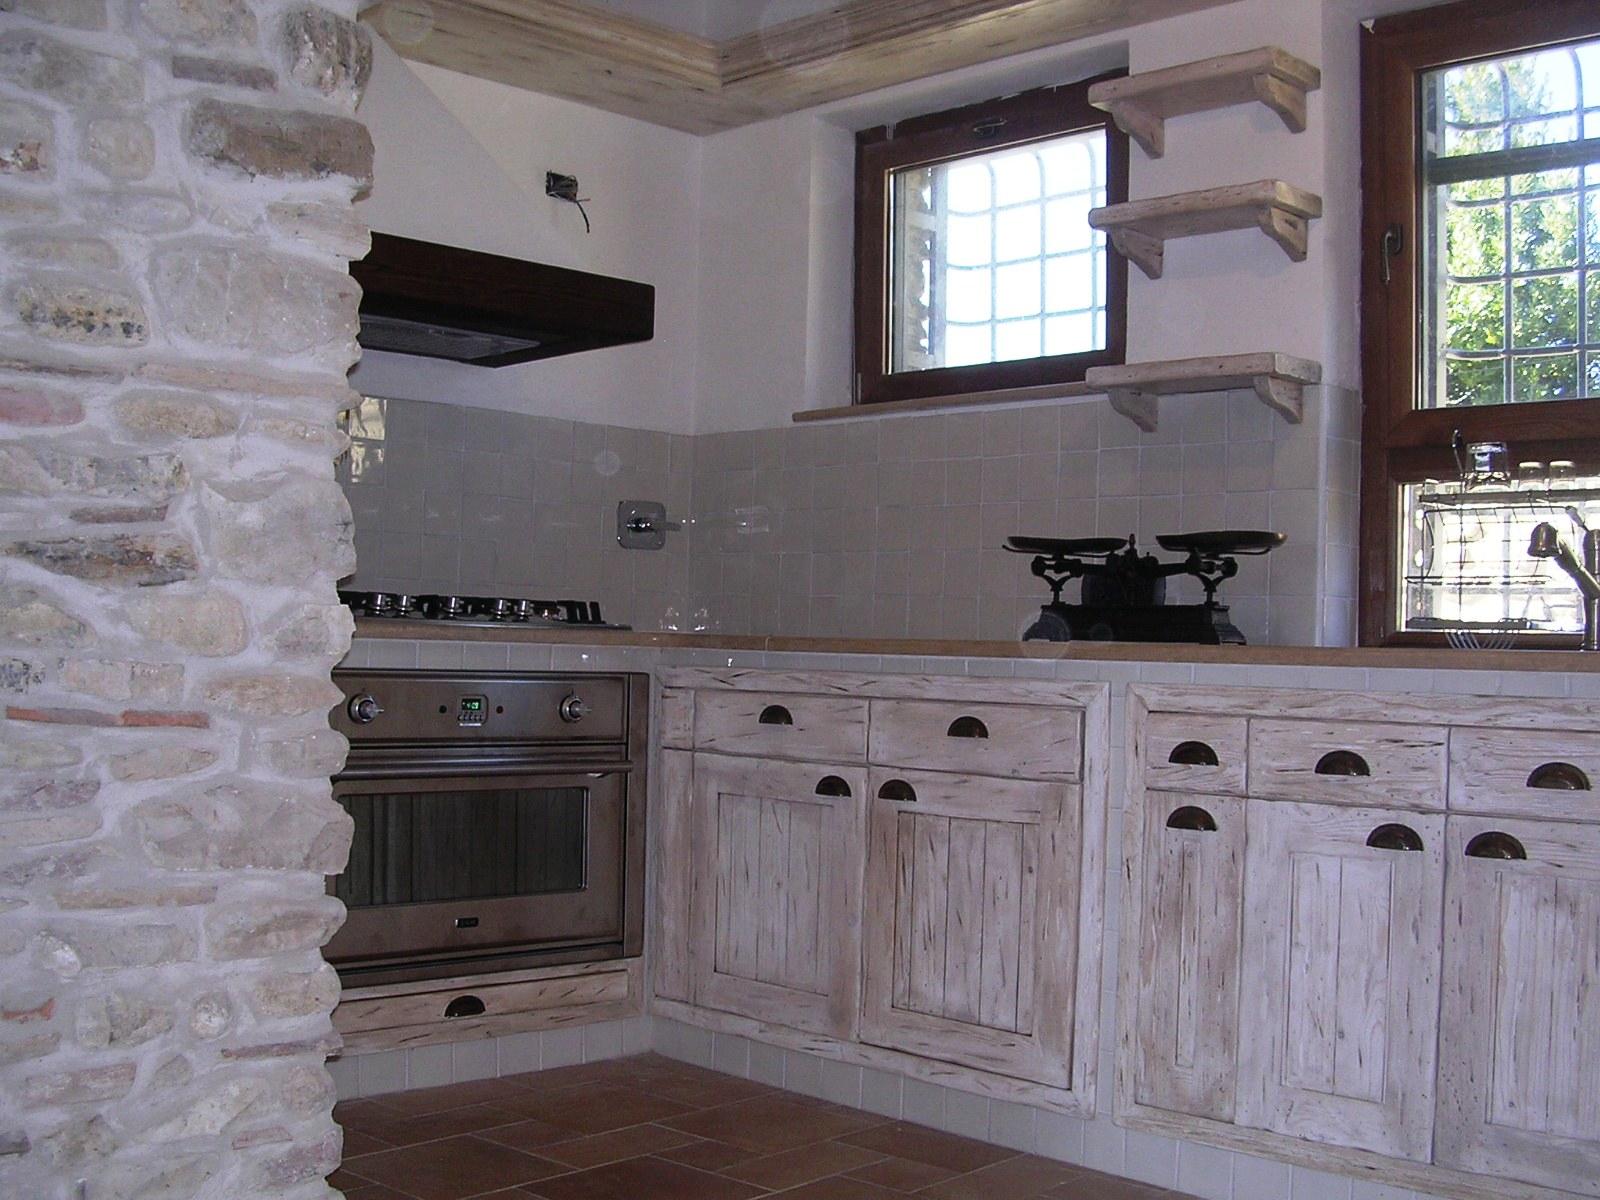 Casa immobiliare, accessori: Cucine su misura prezzi